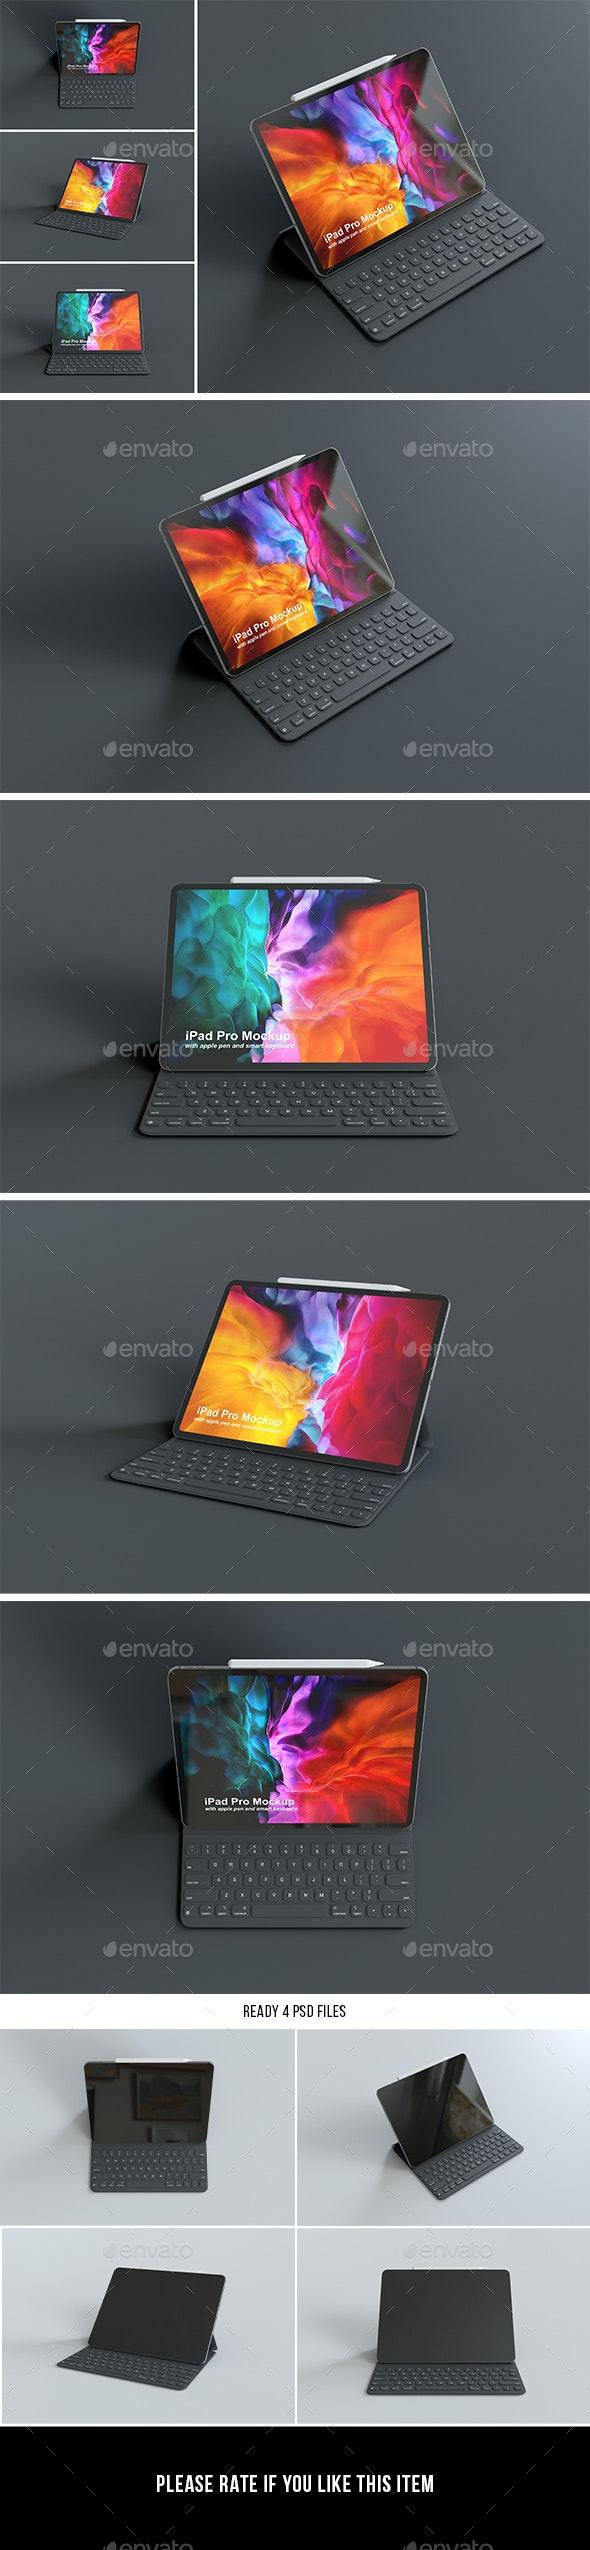 iPad Pro with Keyboard Mockup - Displays Product Mock-Ups